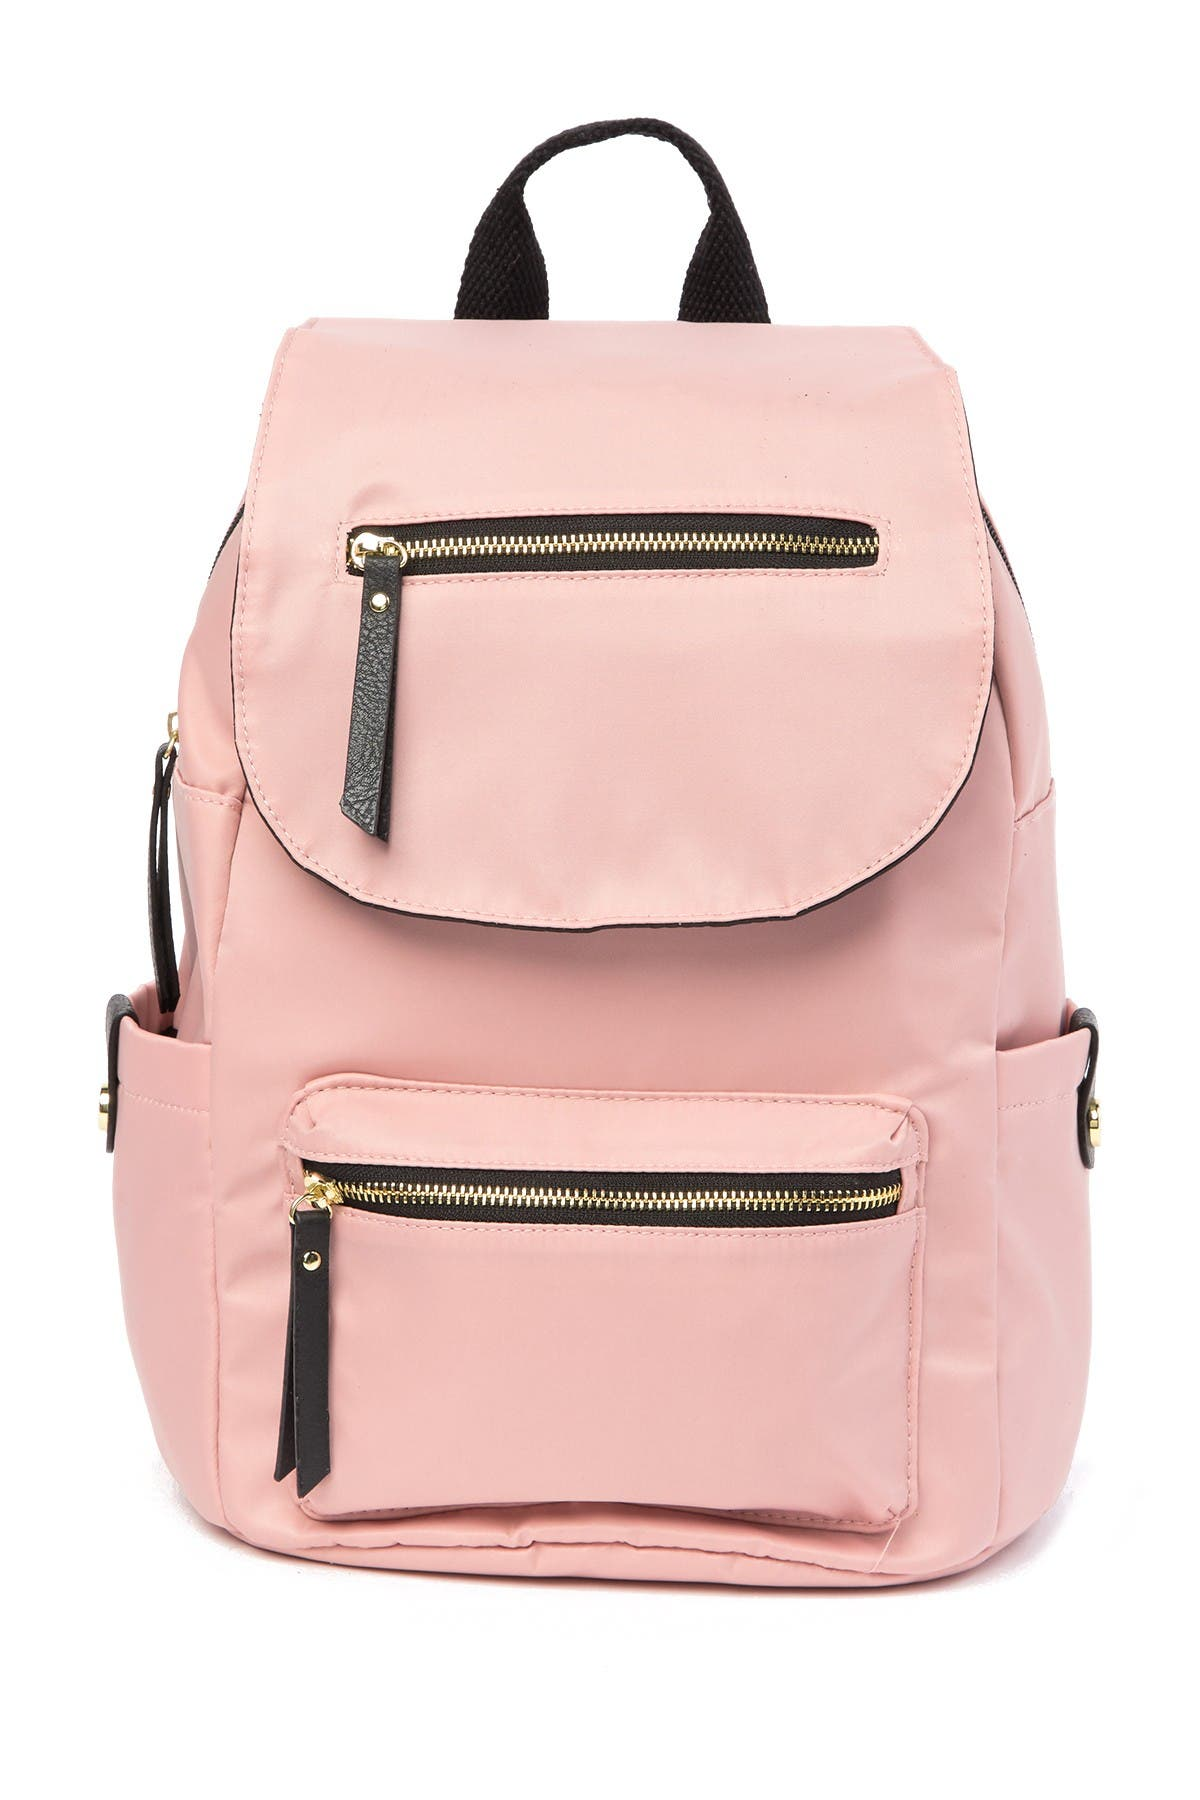 Image of Madden Girl Proper Flap Nylon Backpack